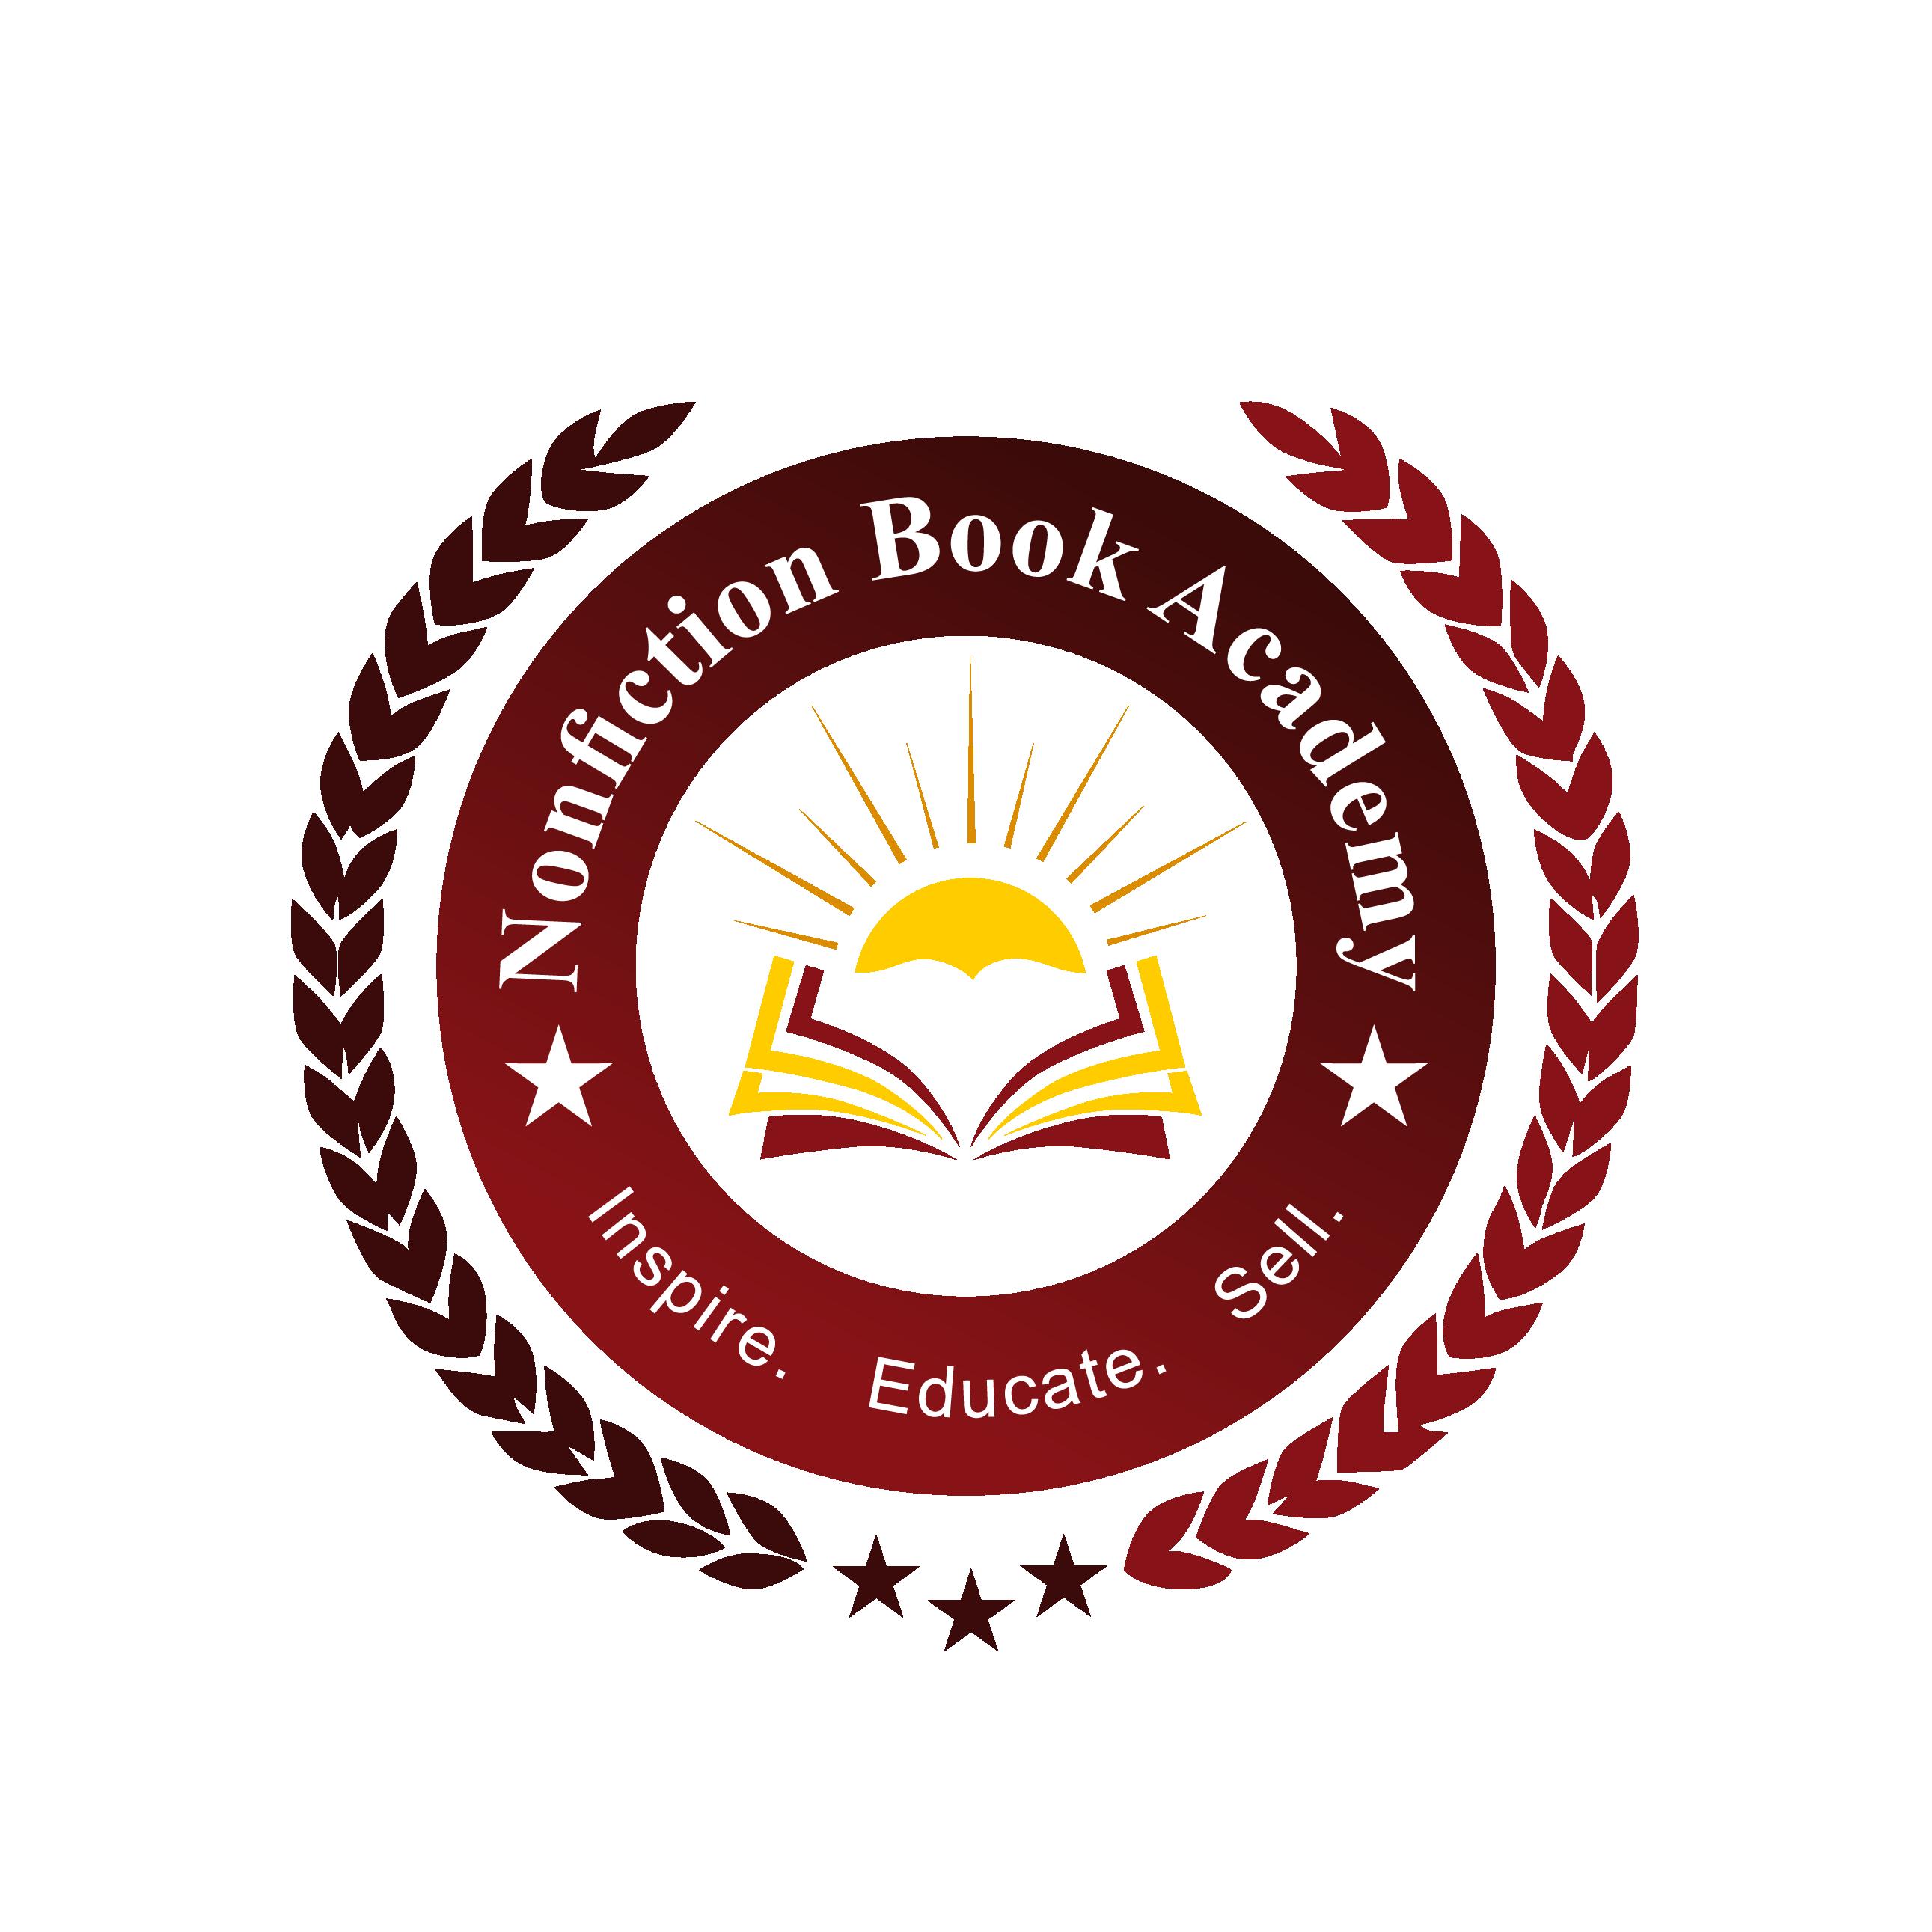 Nonfiction Book Academy